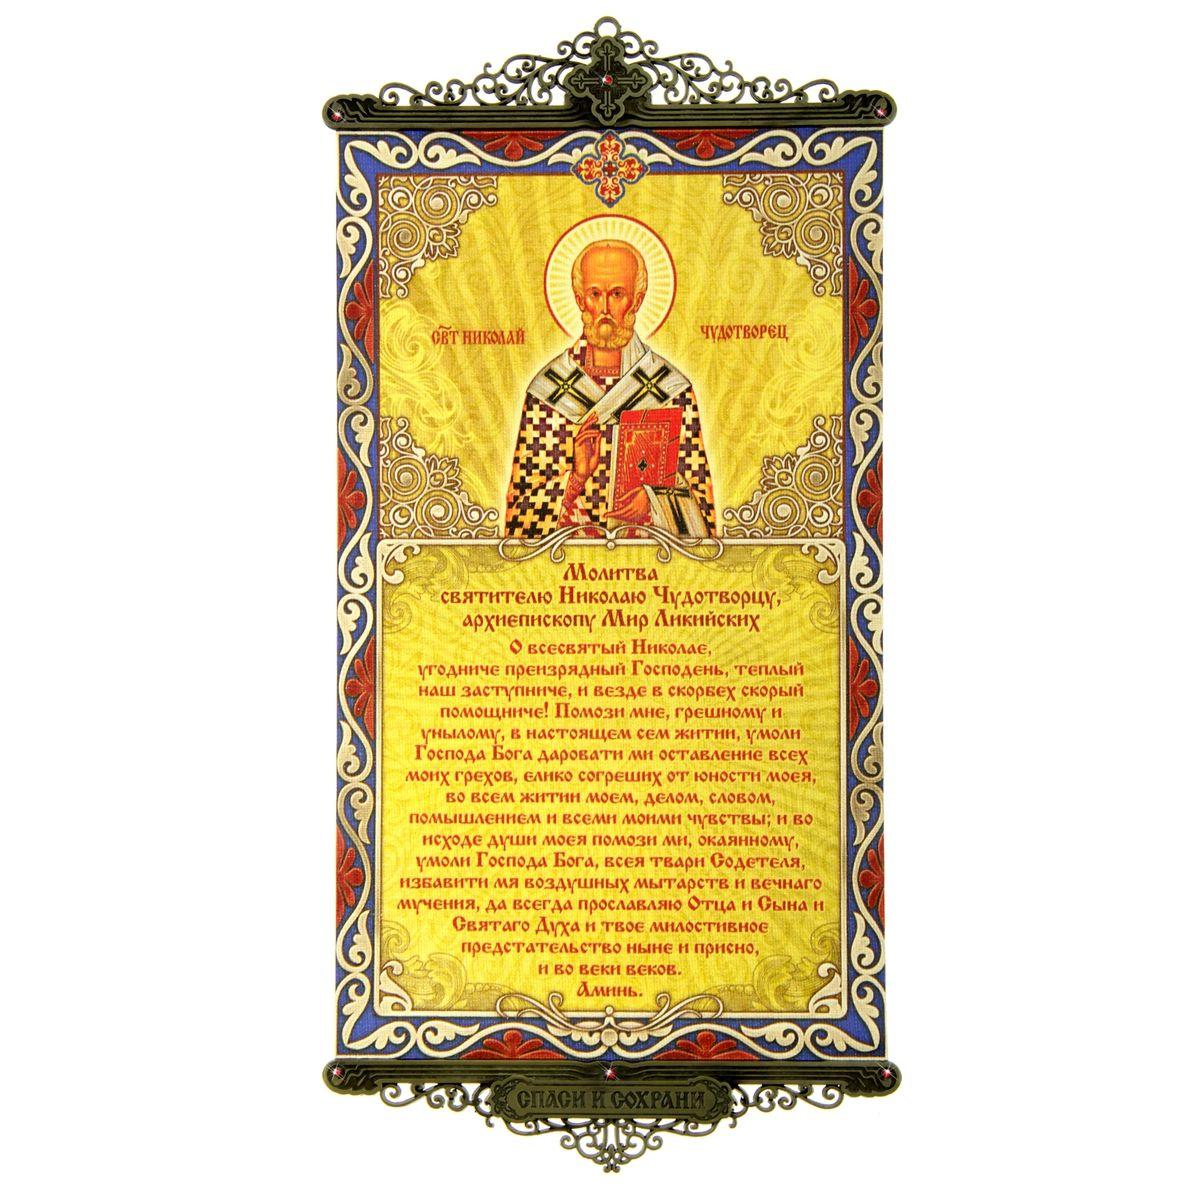 Икона с молитвой Молитва святителю Николаю Чудотворцу, на подвесахFS-91909Икона с молитвой Молитва святителю Николаю Чудотворцу выполнена из плотного текстиля с нанесенным цветным рисунком, края декорированы ажурными металлическими вставками со стразами. Цветовая гамма и интерьер влияют на настроение каждого, именно поэтому так важны детали, которые нас окружают. Знатоки интерьерных решений стараются применять самые разнообразные решения при художественном оформлении внутреннего пространства и использовать все возможные материалы. Икона с молитвой на подвесах - это хорошее решение для интерьера по выгодной цене!